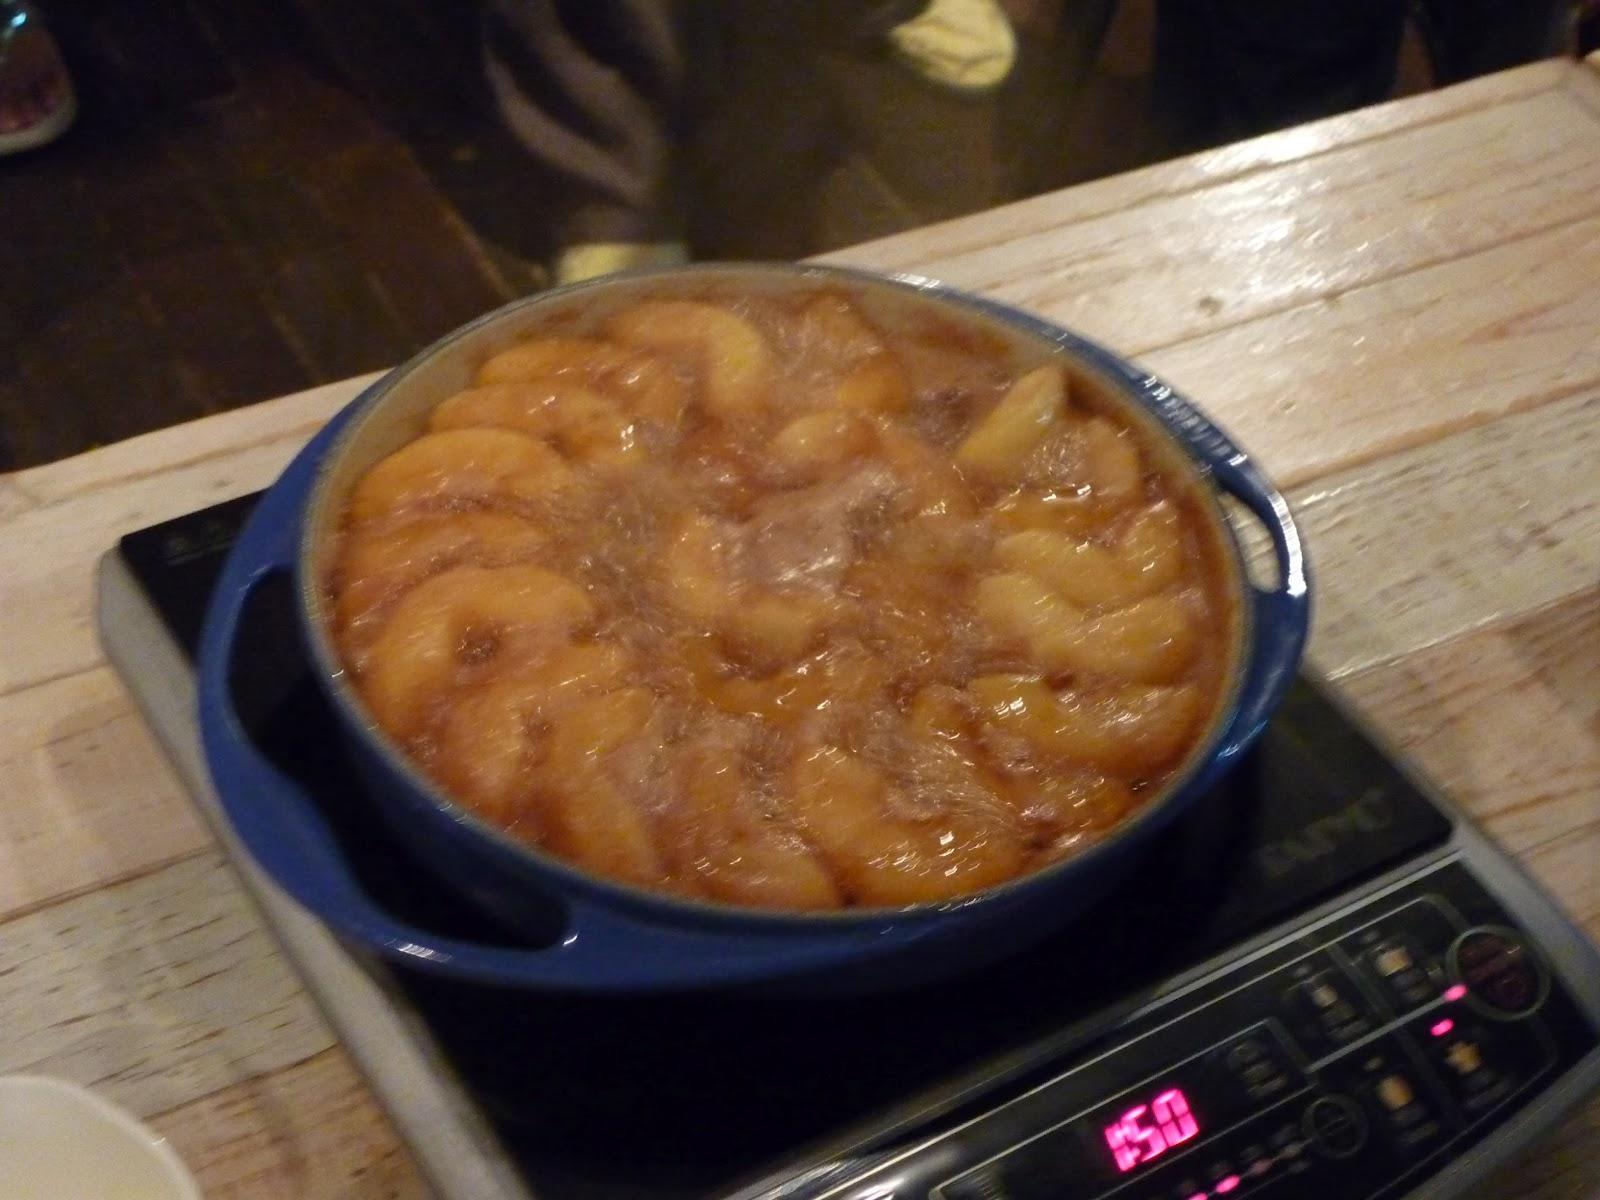 Le Creuset Singapore Recipe Apple Tarte Tatin By Chef Anthony Yeoh